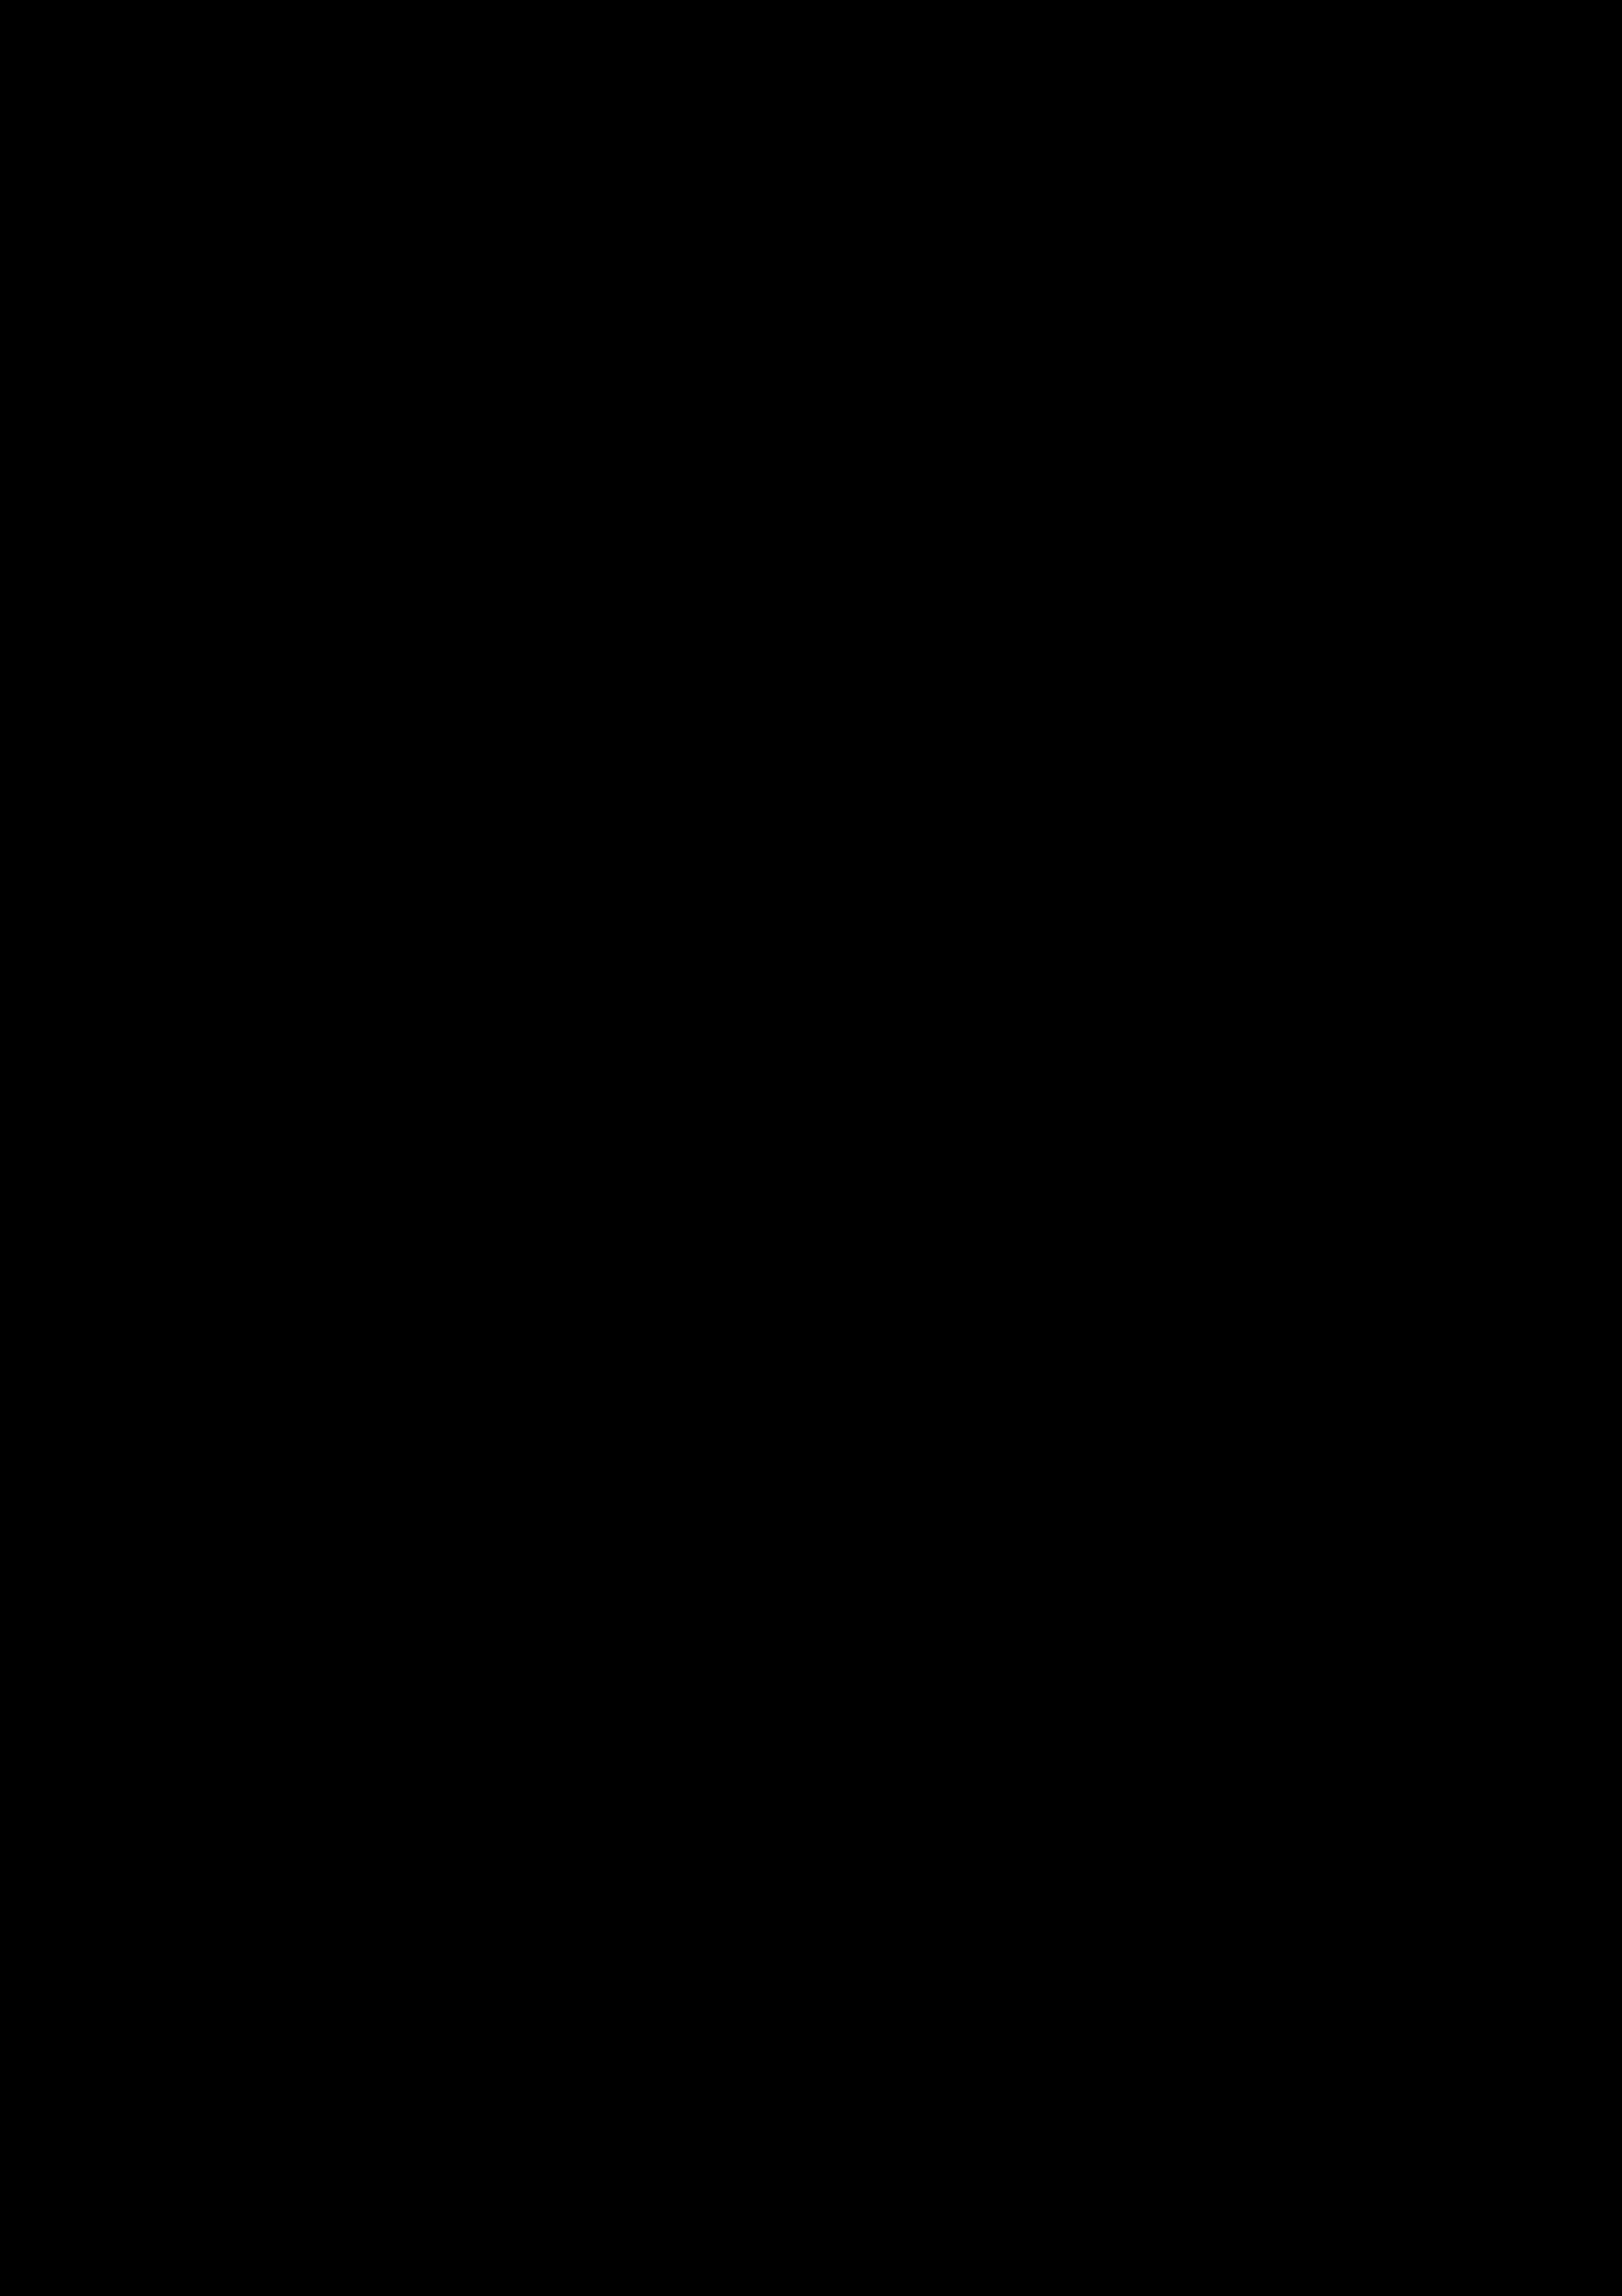 Bergsträßer Nachhaltigkeitsmesse